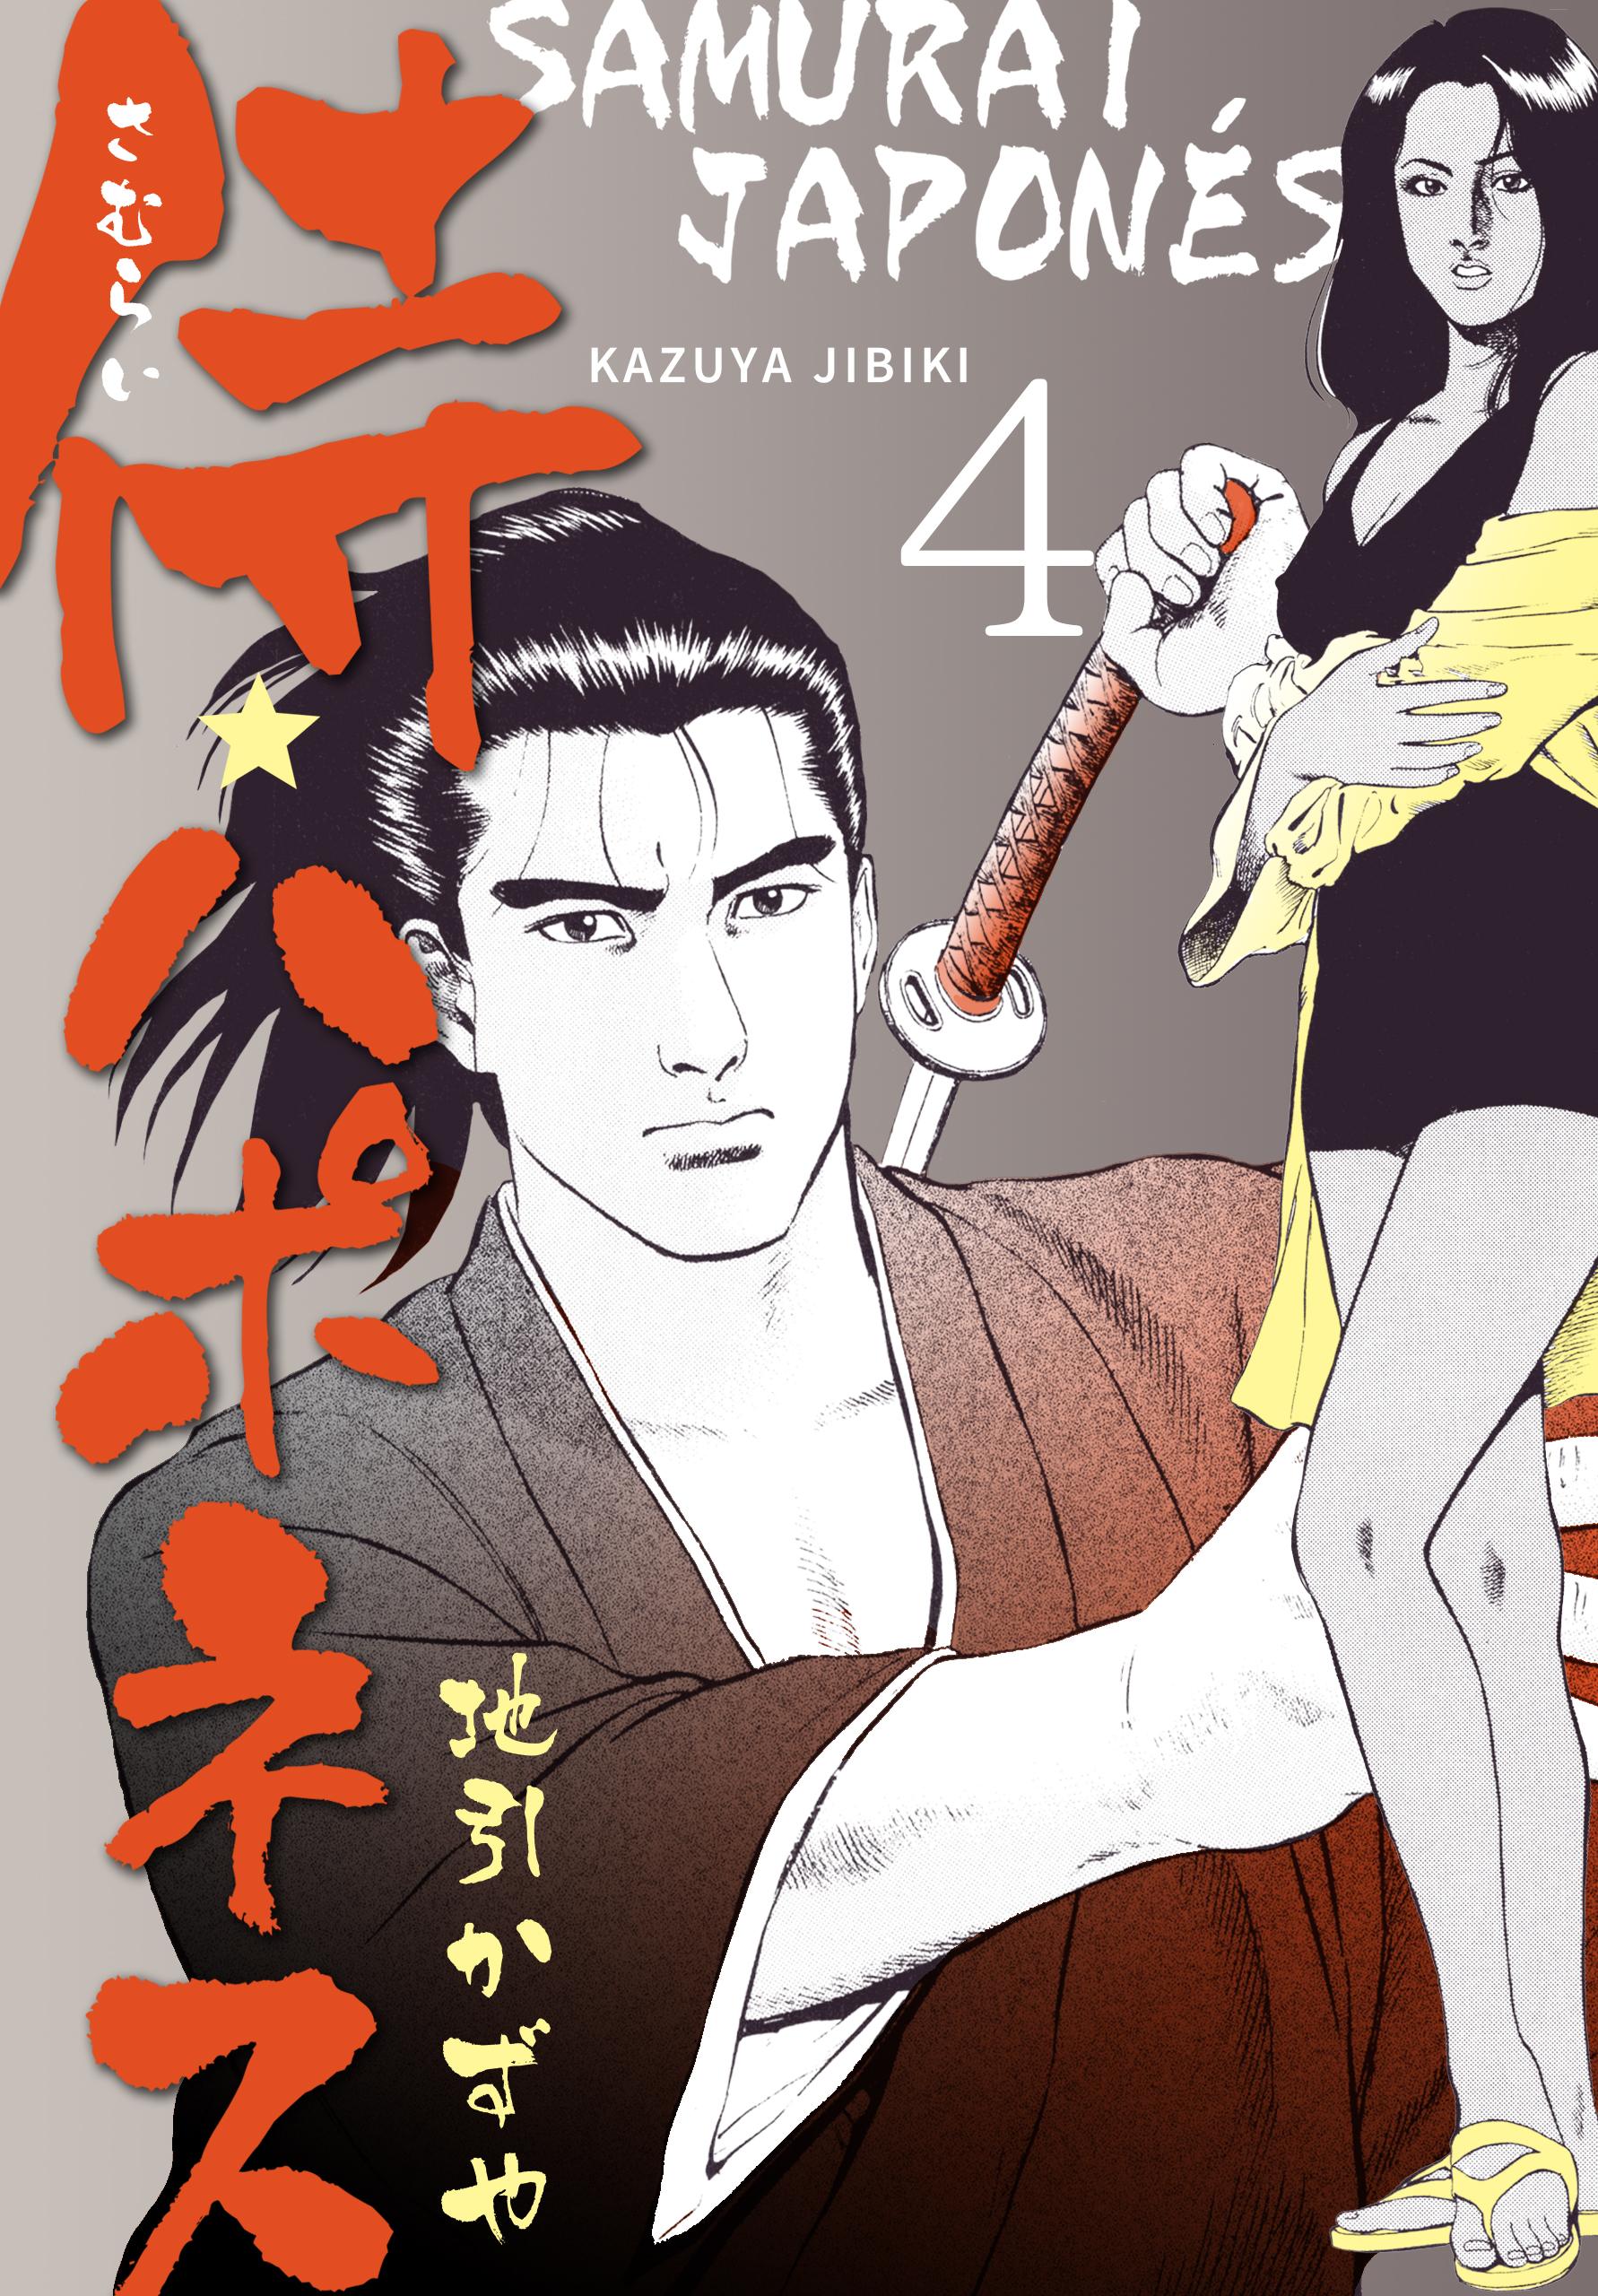 侍★ハポネス(第4巻)